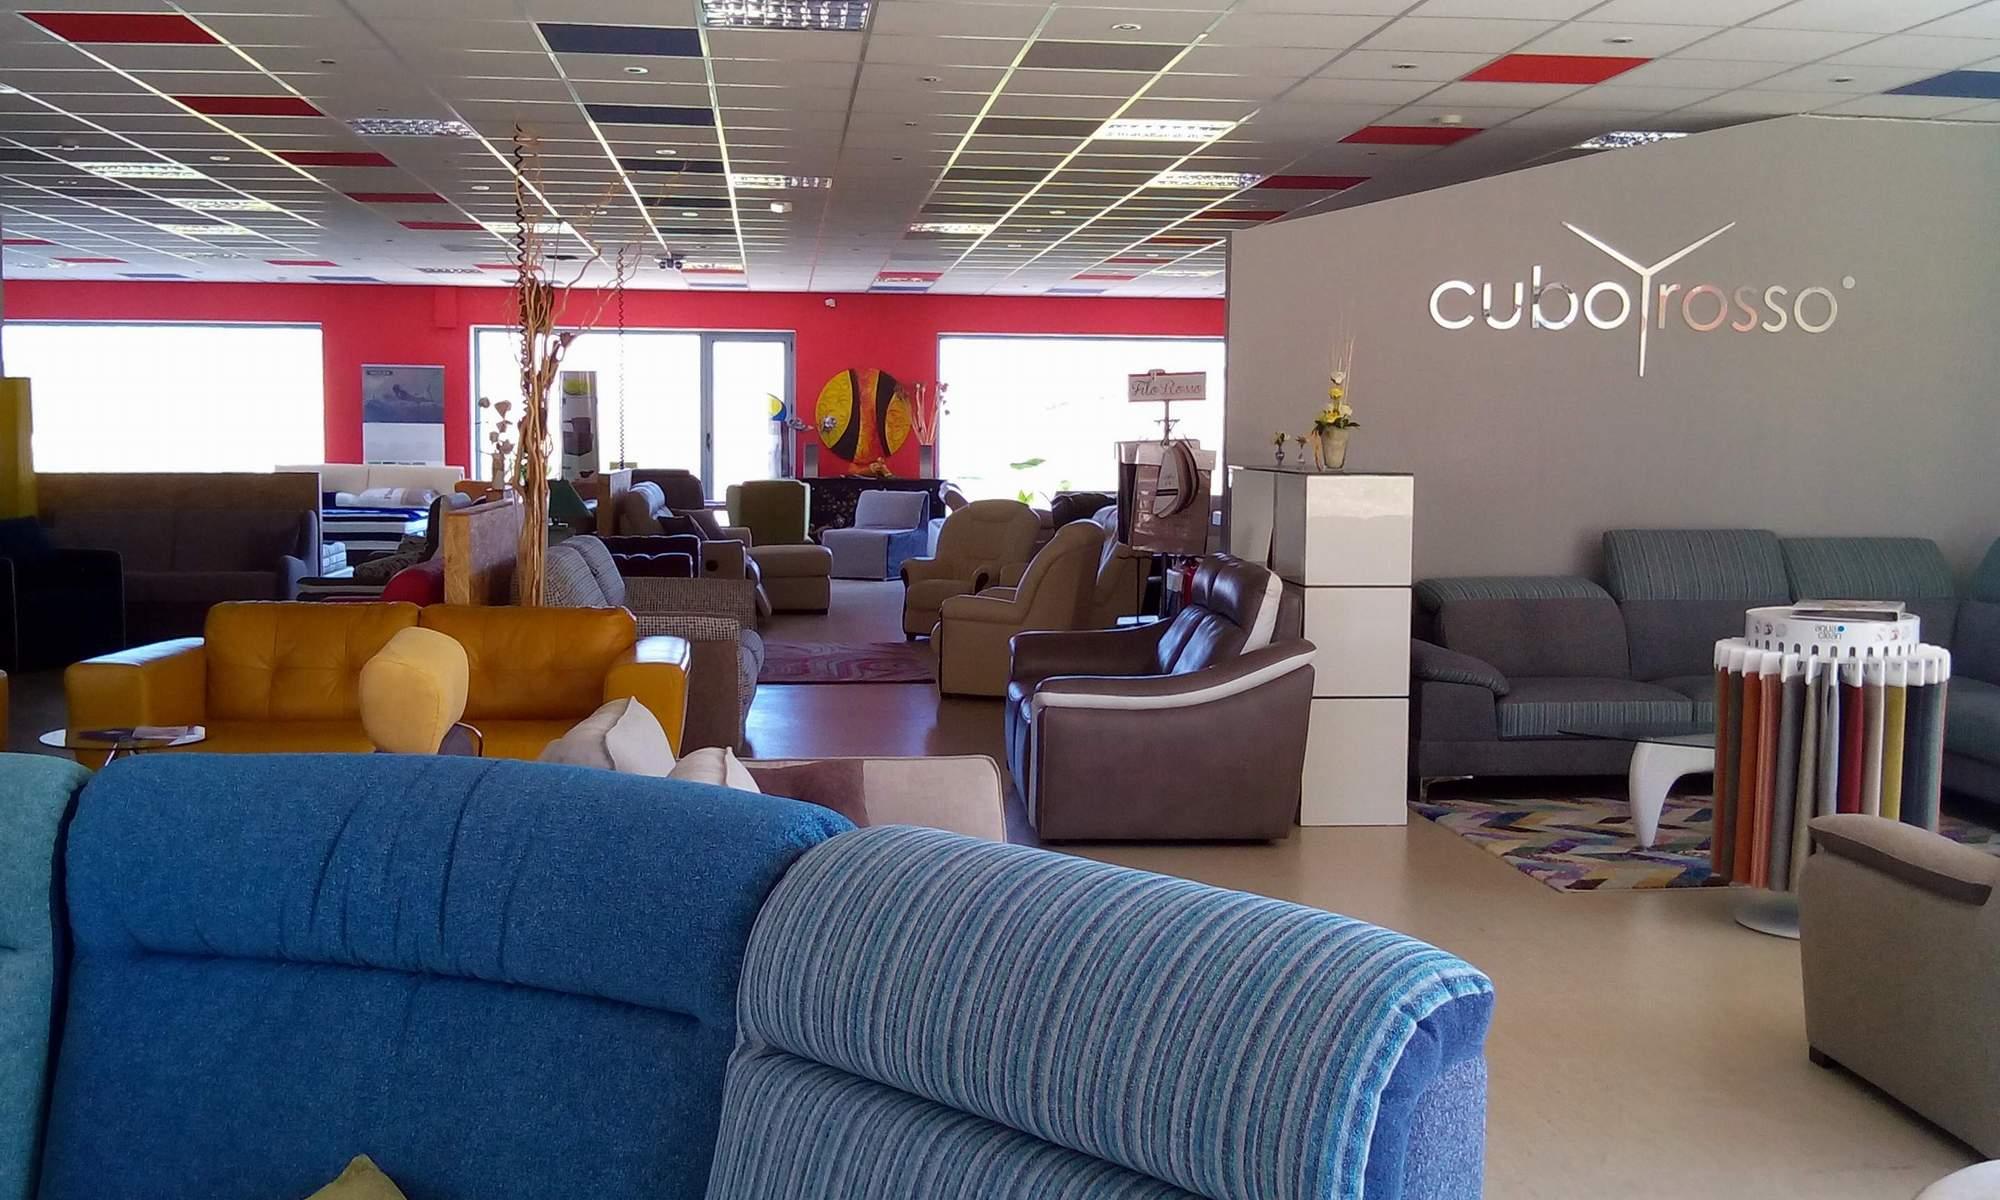 Franco mobili cuborosso divani for Distribuzione italiana arredamenti